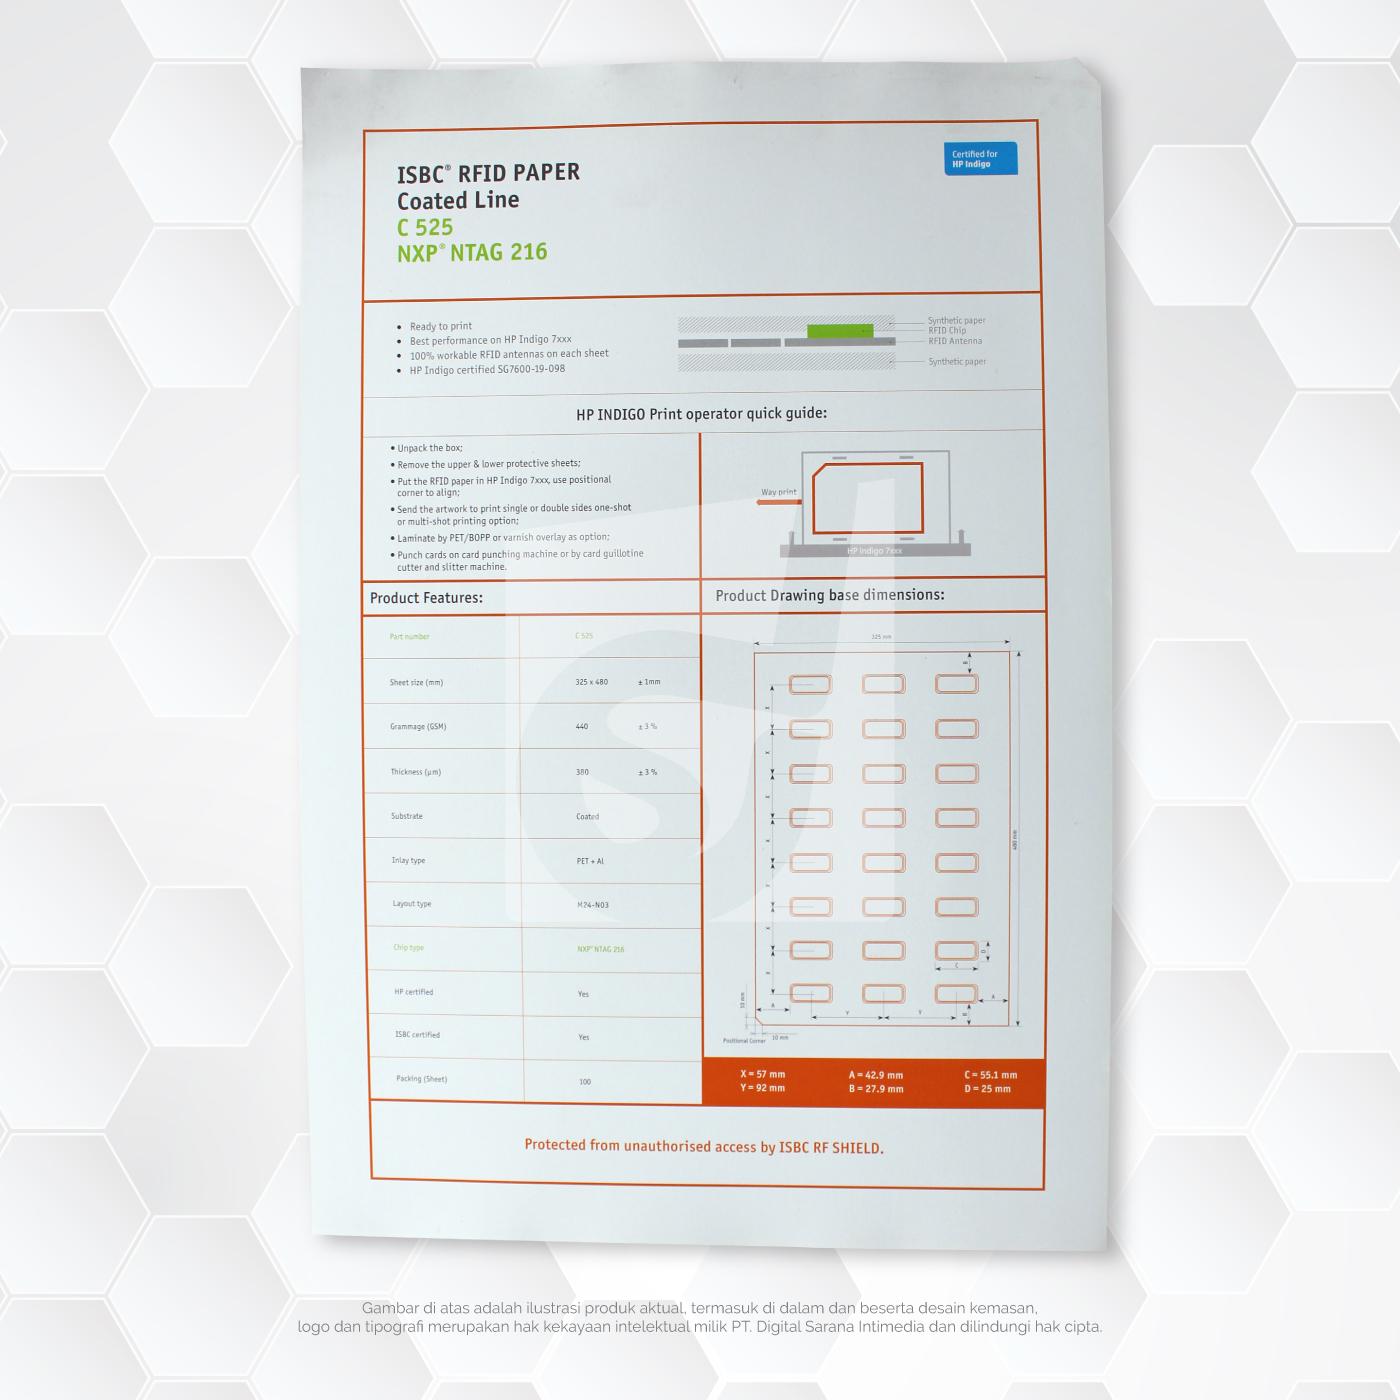 ISBC RFID Paper 3*8